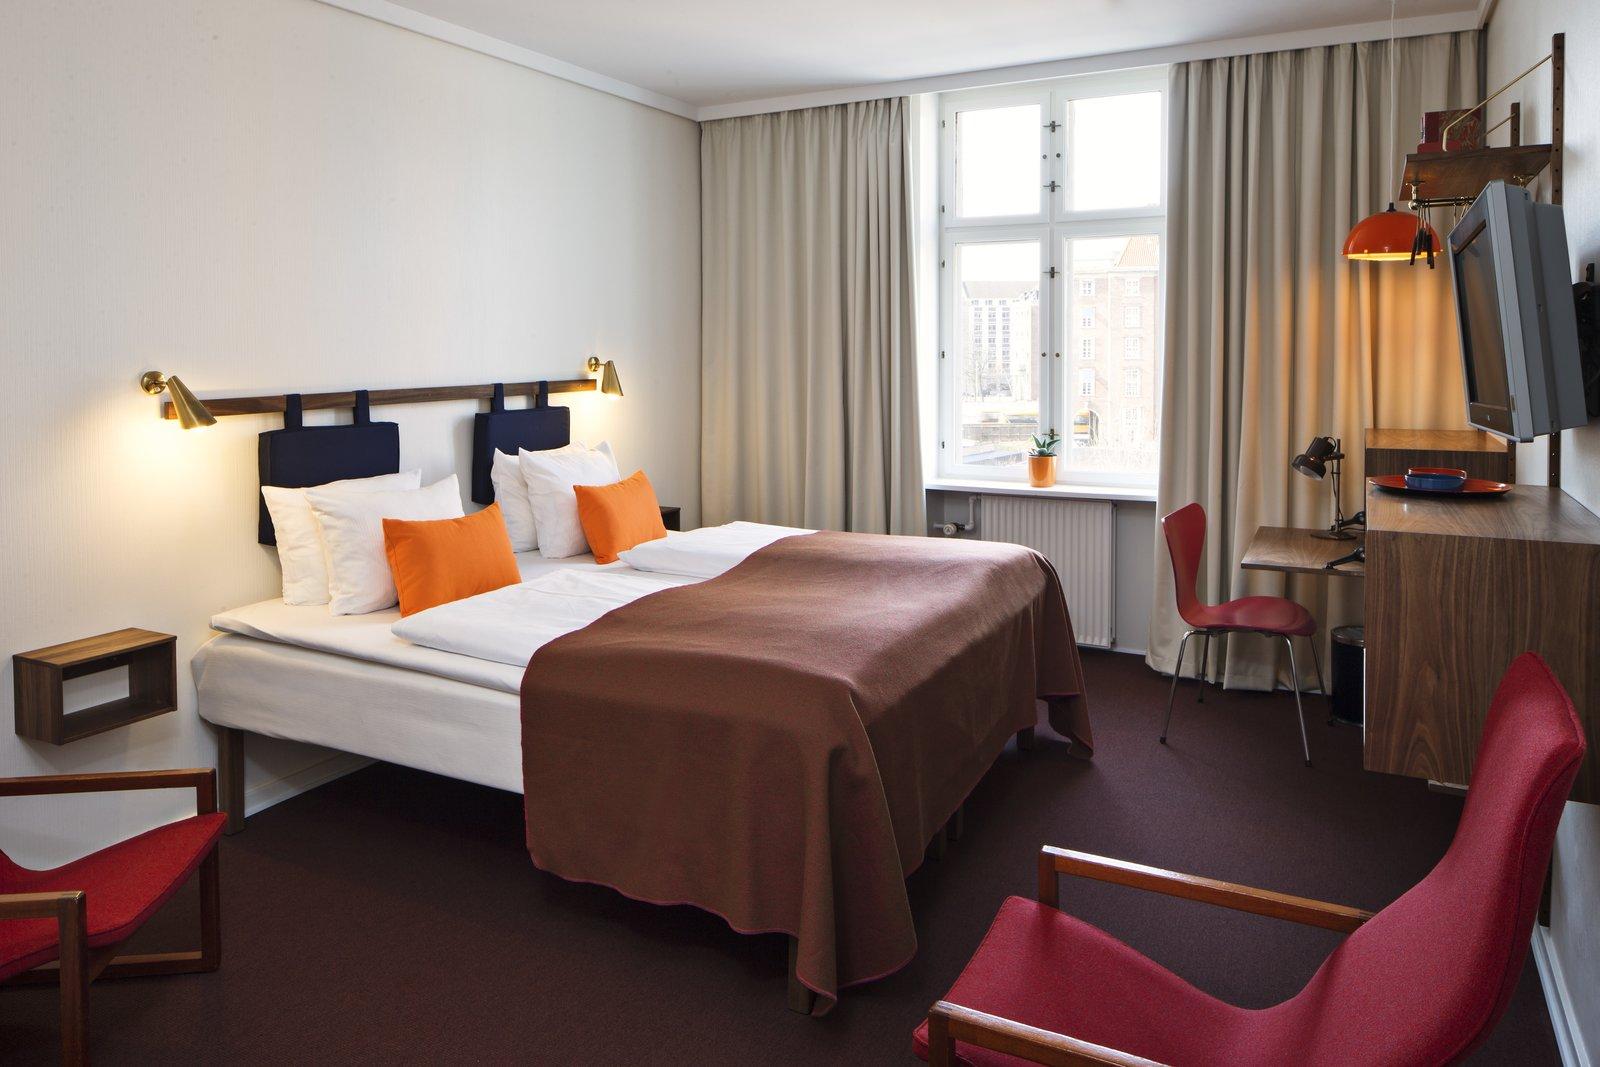 Bedroom, Bed, Chair, Wall Lighting, Pendant Lighting, and Carpet Floor Standard Double Room  Photos from Get Your Fix of Midcentury Scandinavian Design at This Copenhagen Hotel